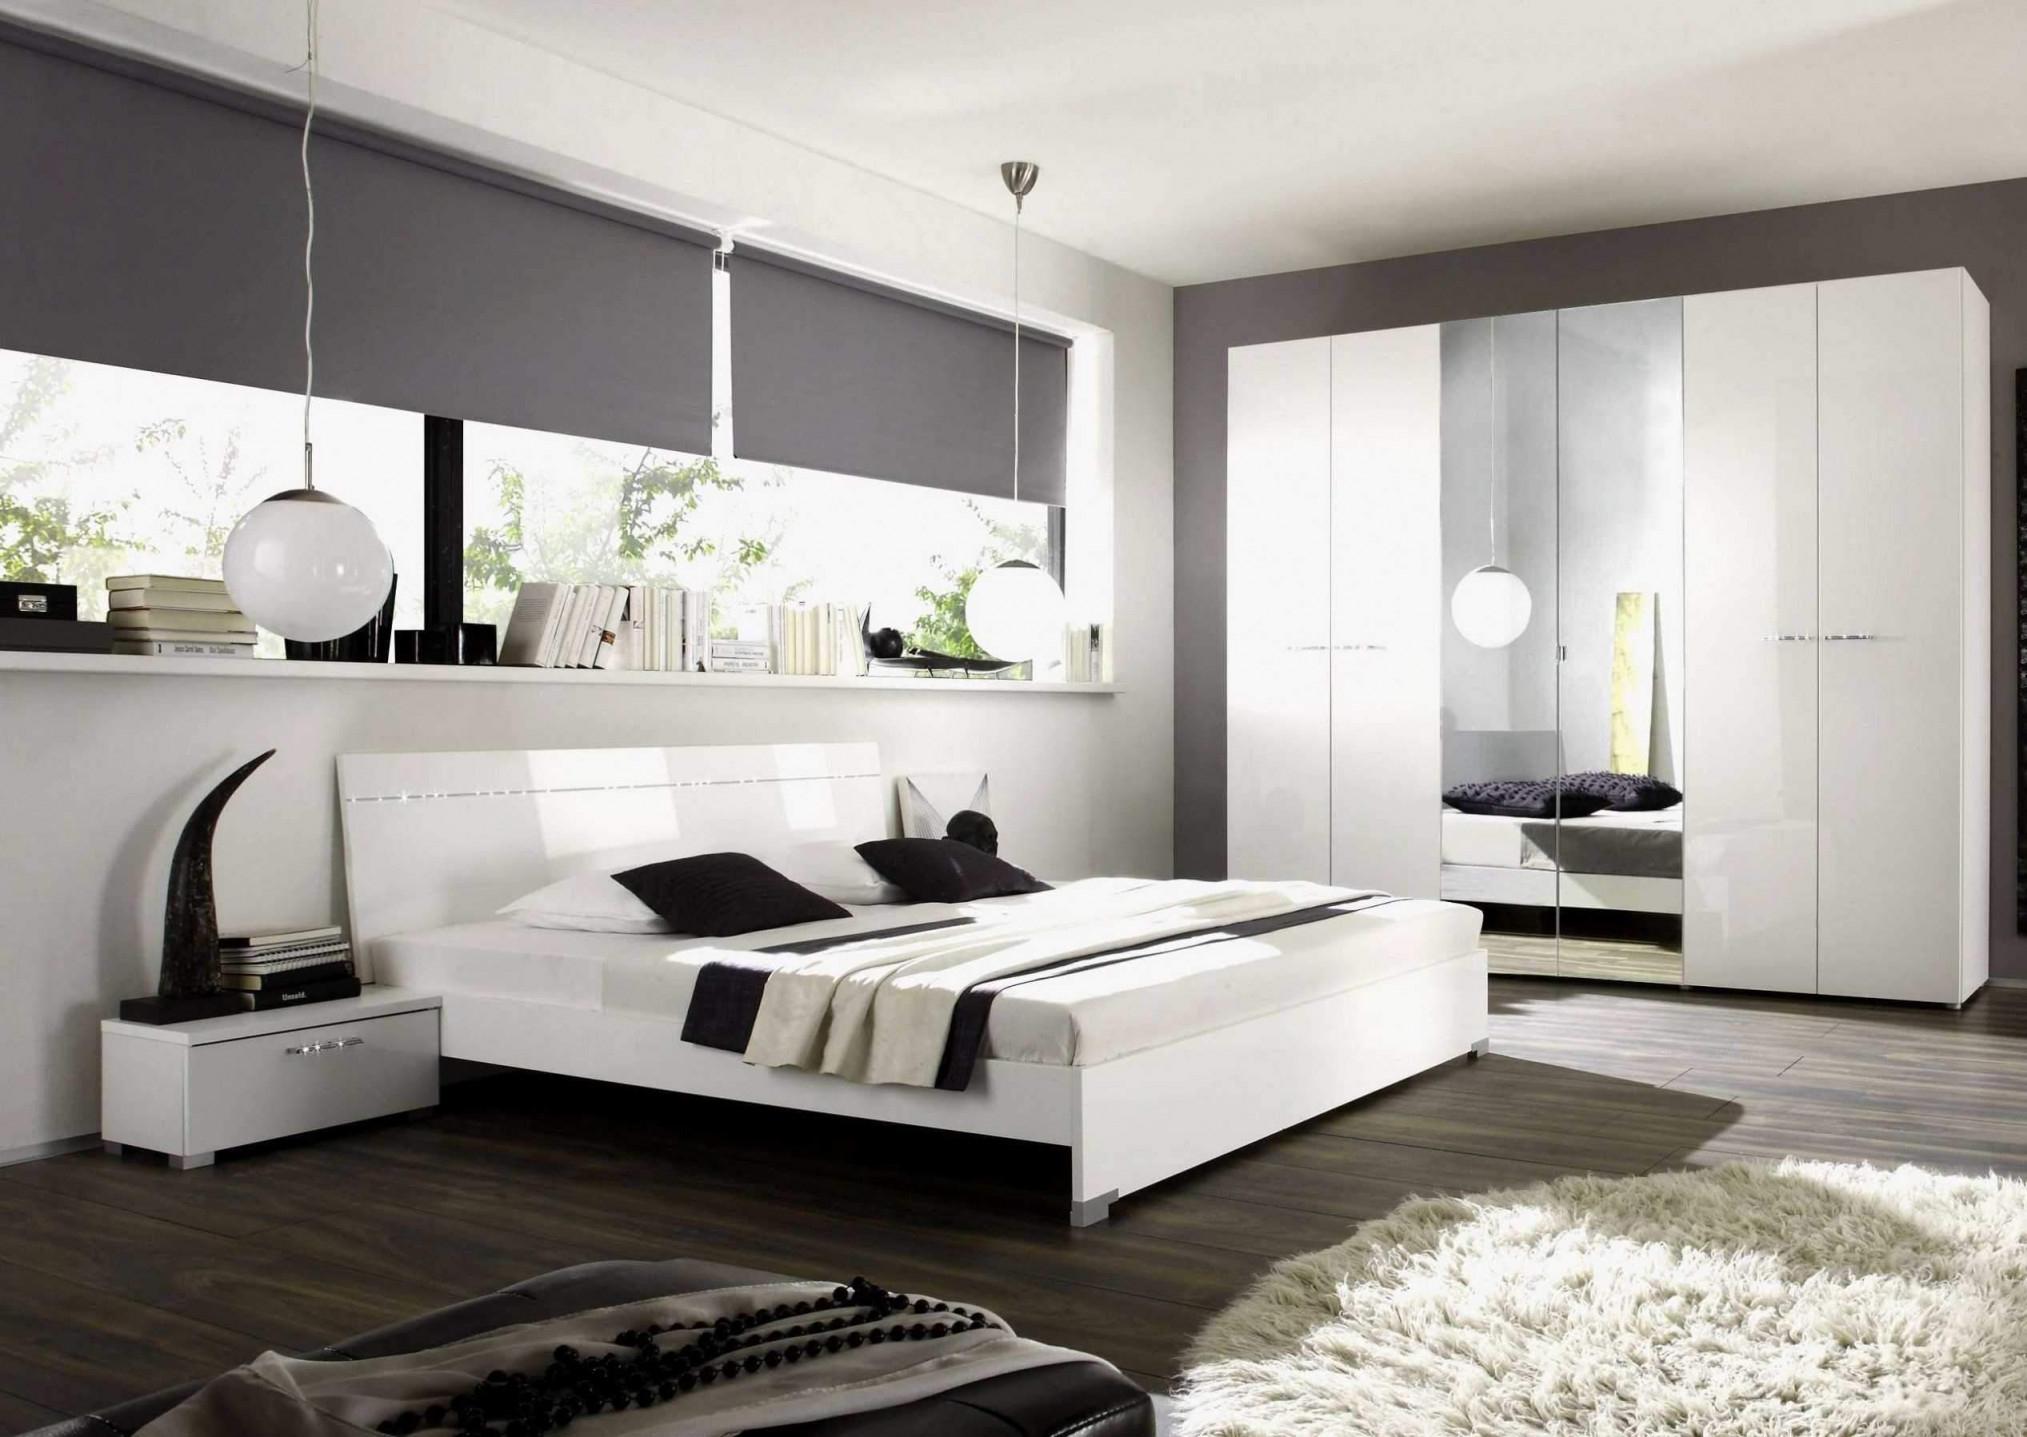 35 Einzigartig Schwarz Weiß Wohnzimmer Frisch  Wohnzimmer von Wohnzimmer Ideen Schwarz Weiß Photo